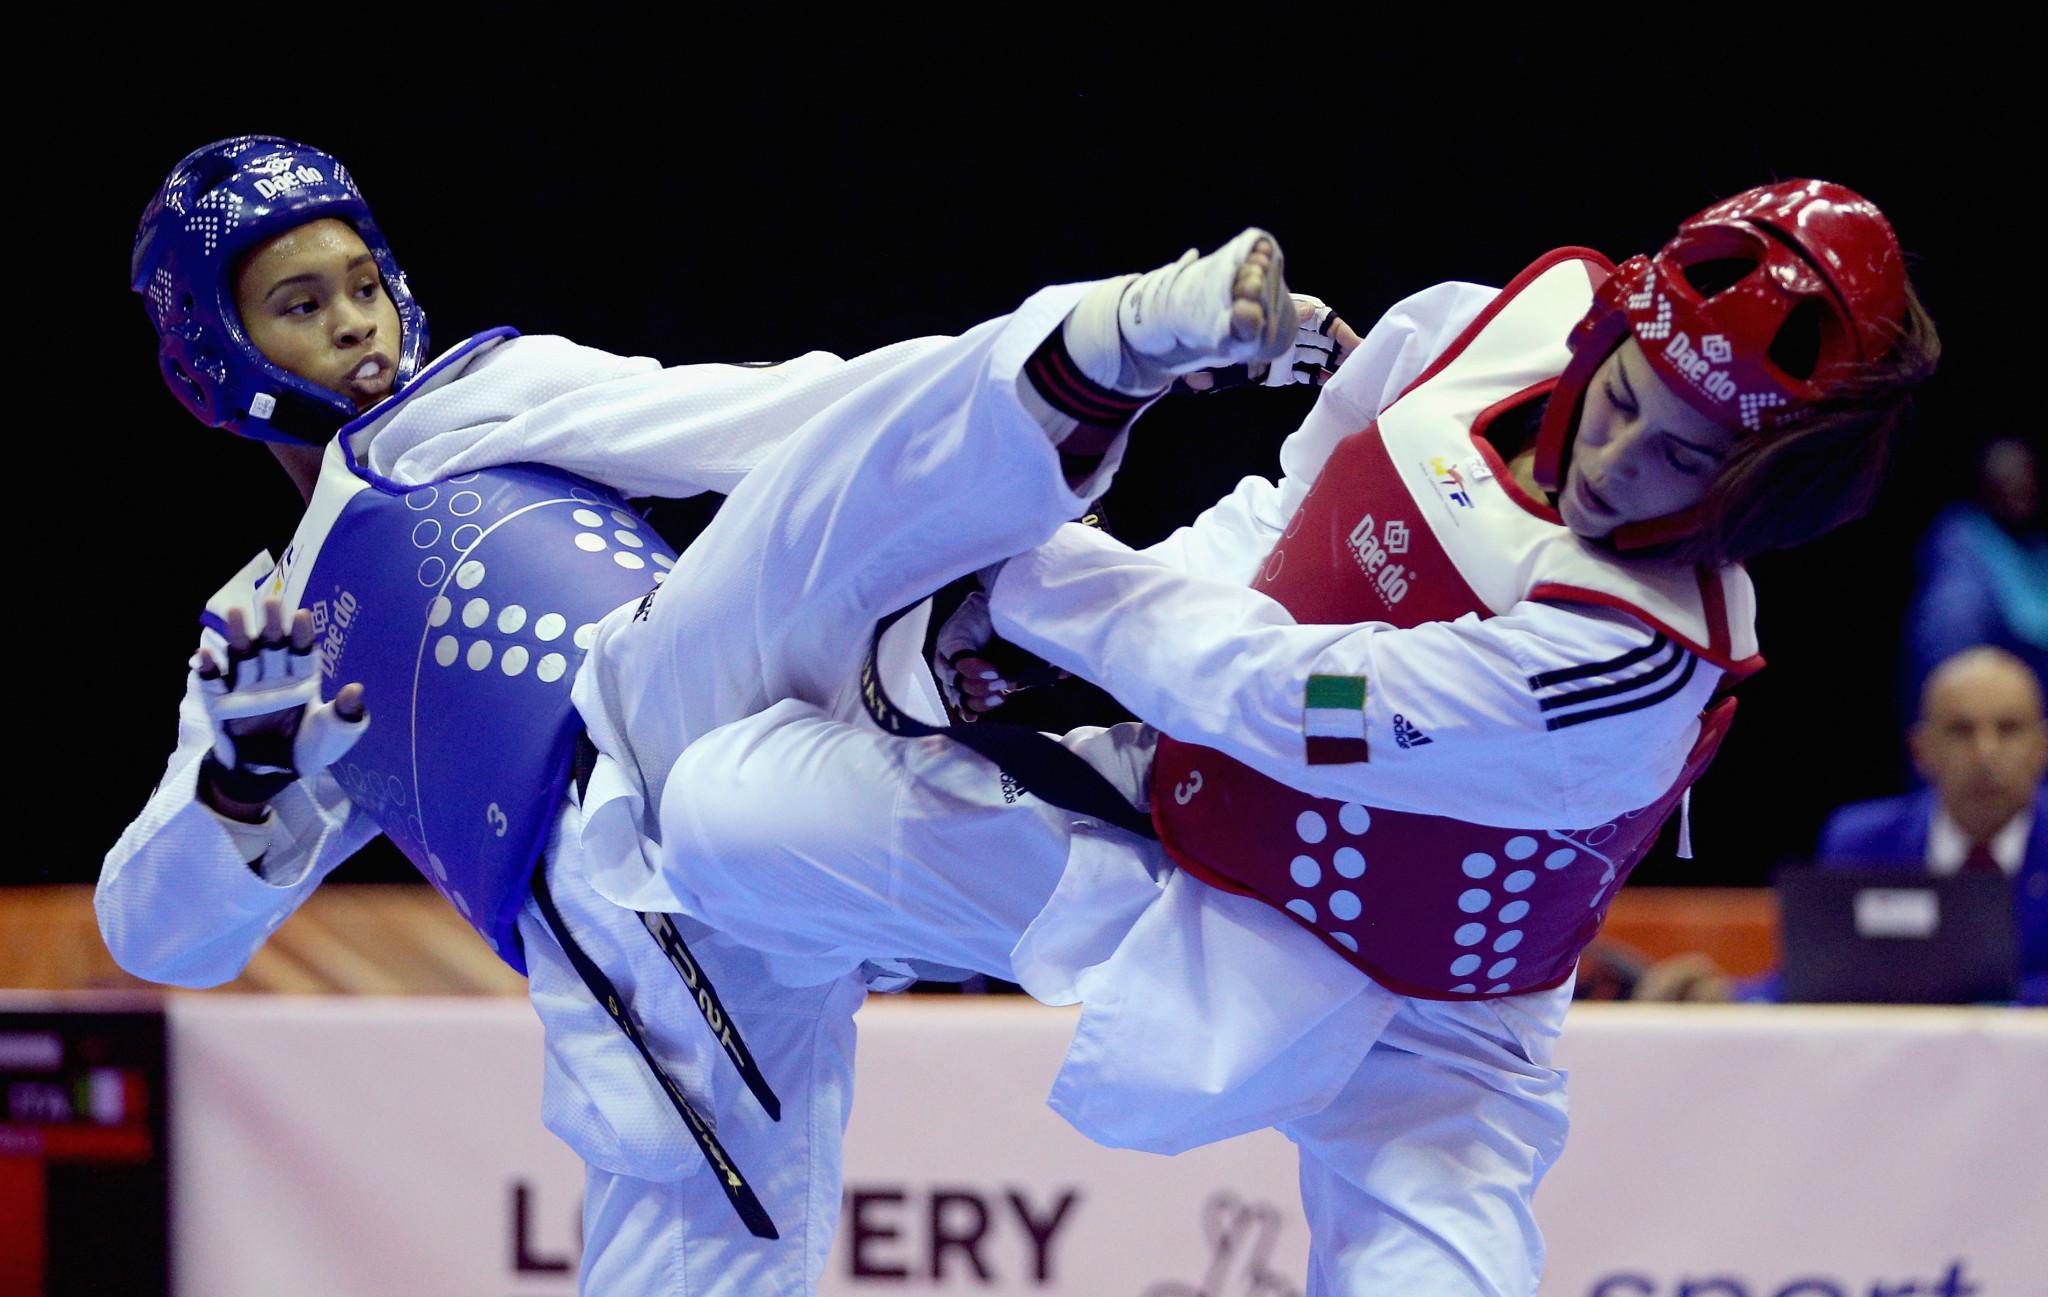 USA Taekwondo hope the referee scheme will ultimately aid athletes ©Getty Images